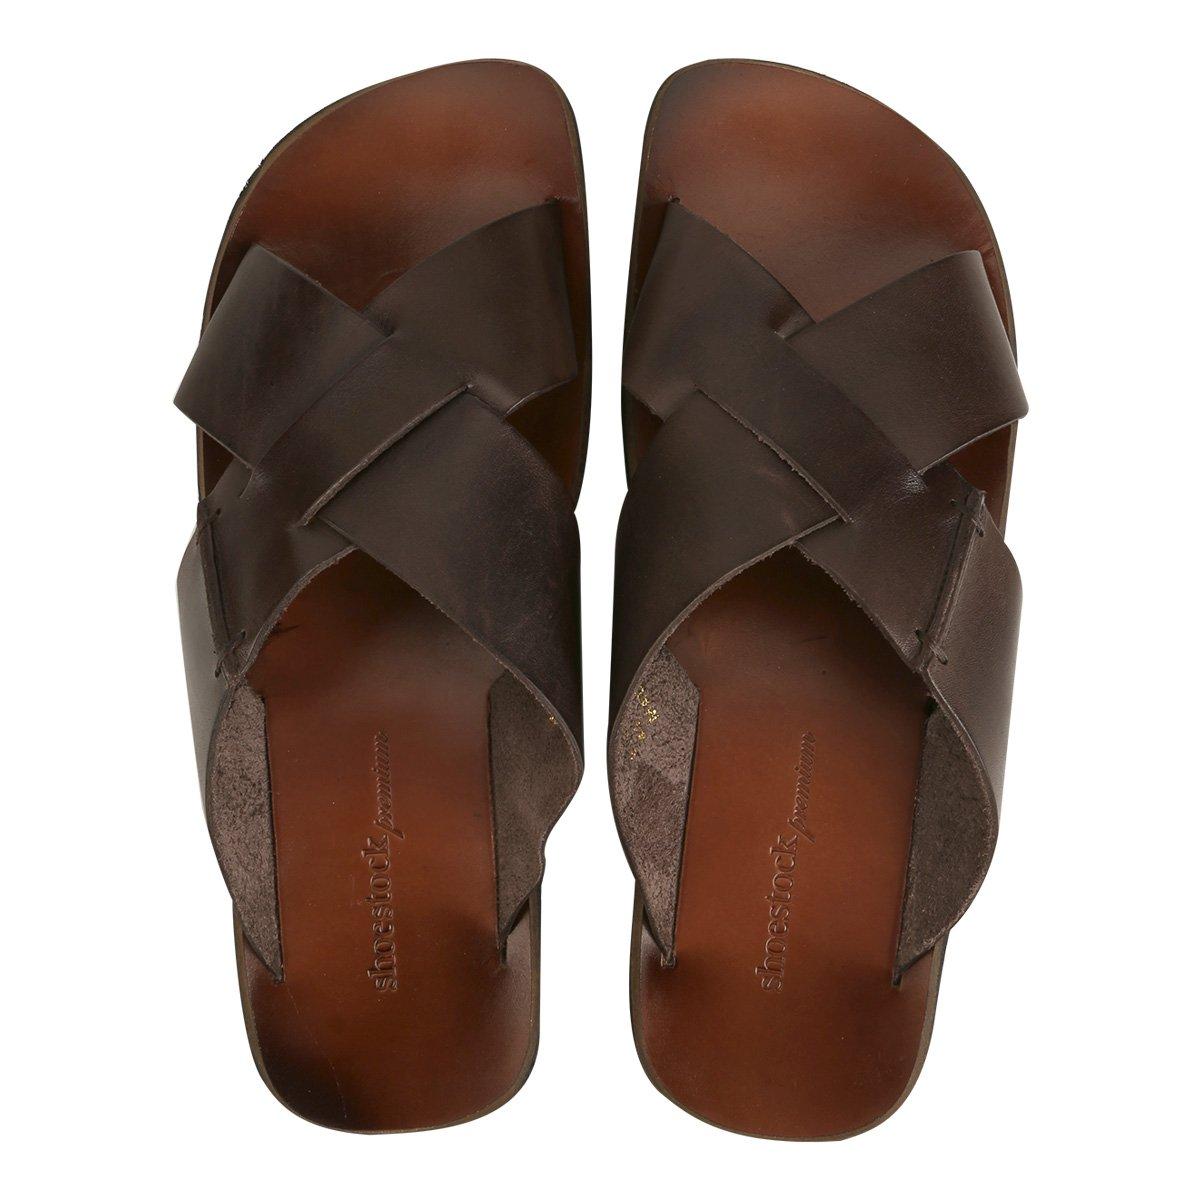 4935999602600 Chinelo Couro Shoestock Tiras Cruzadas Masculino | Shoestock